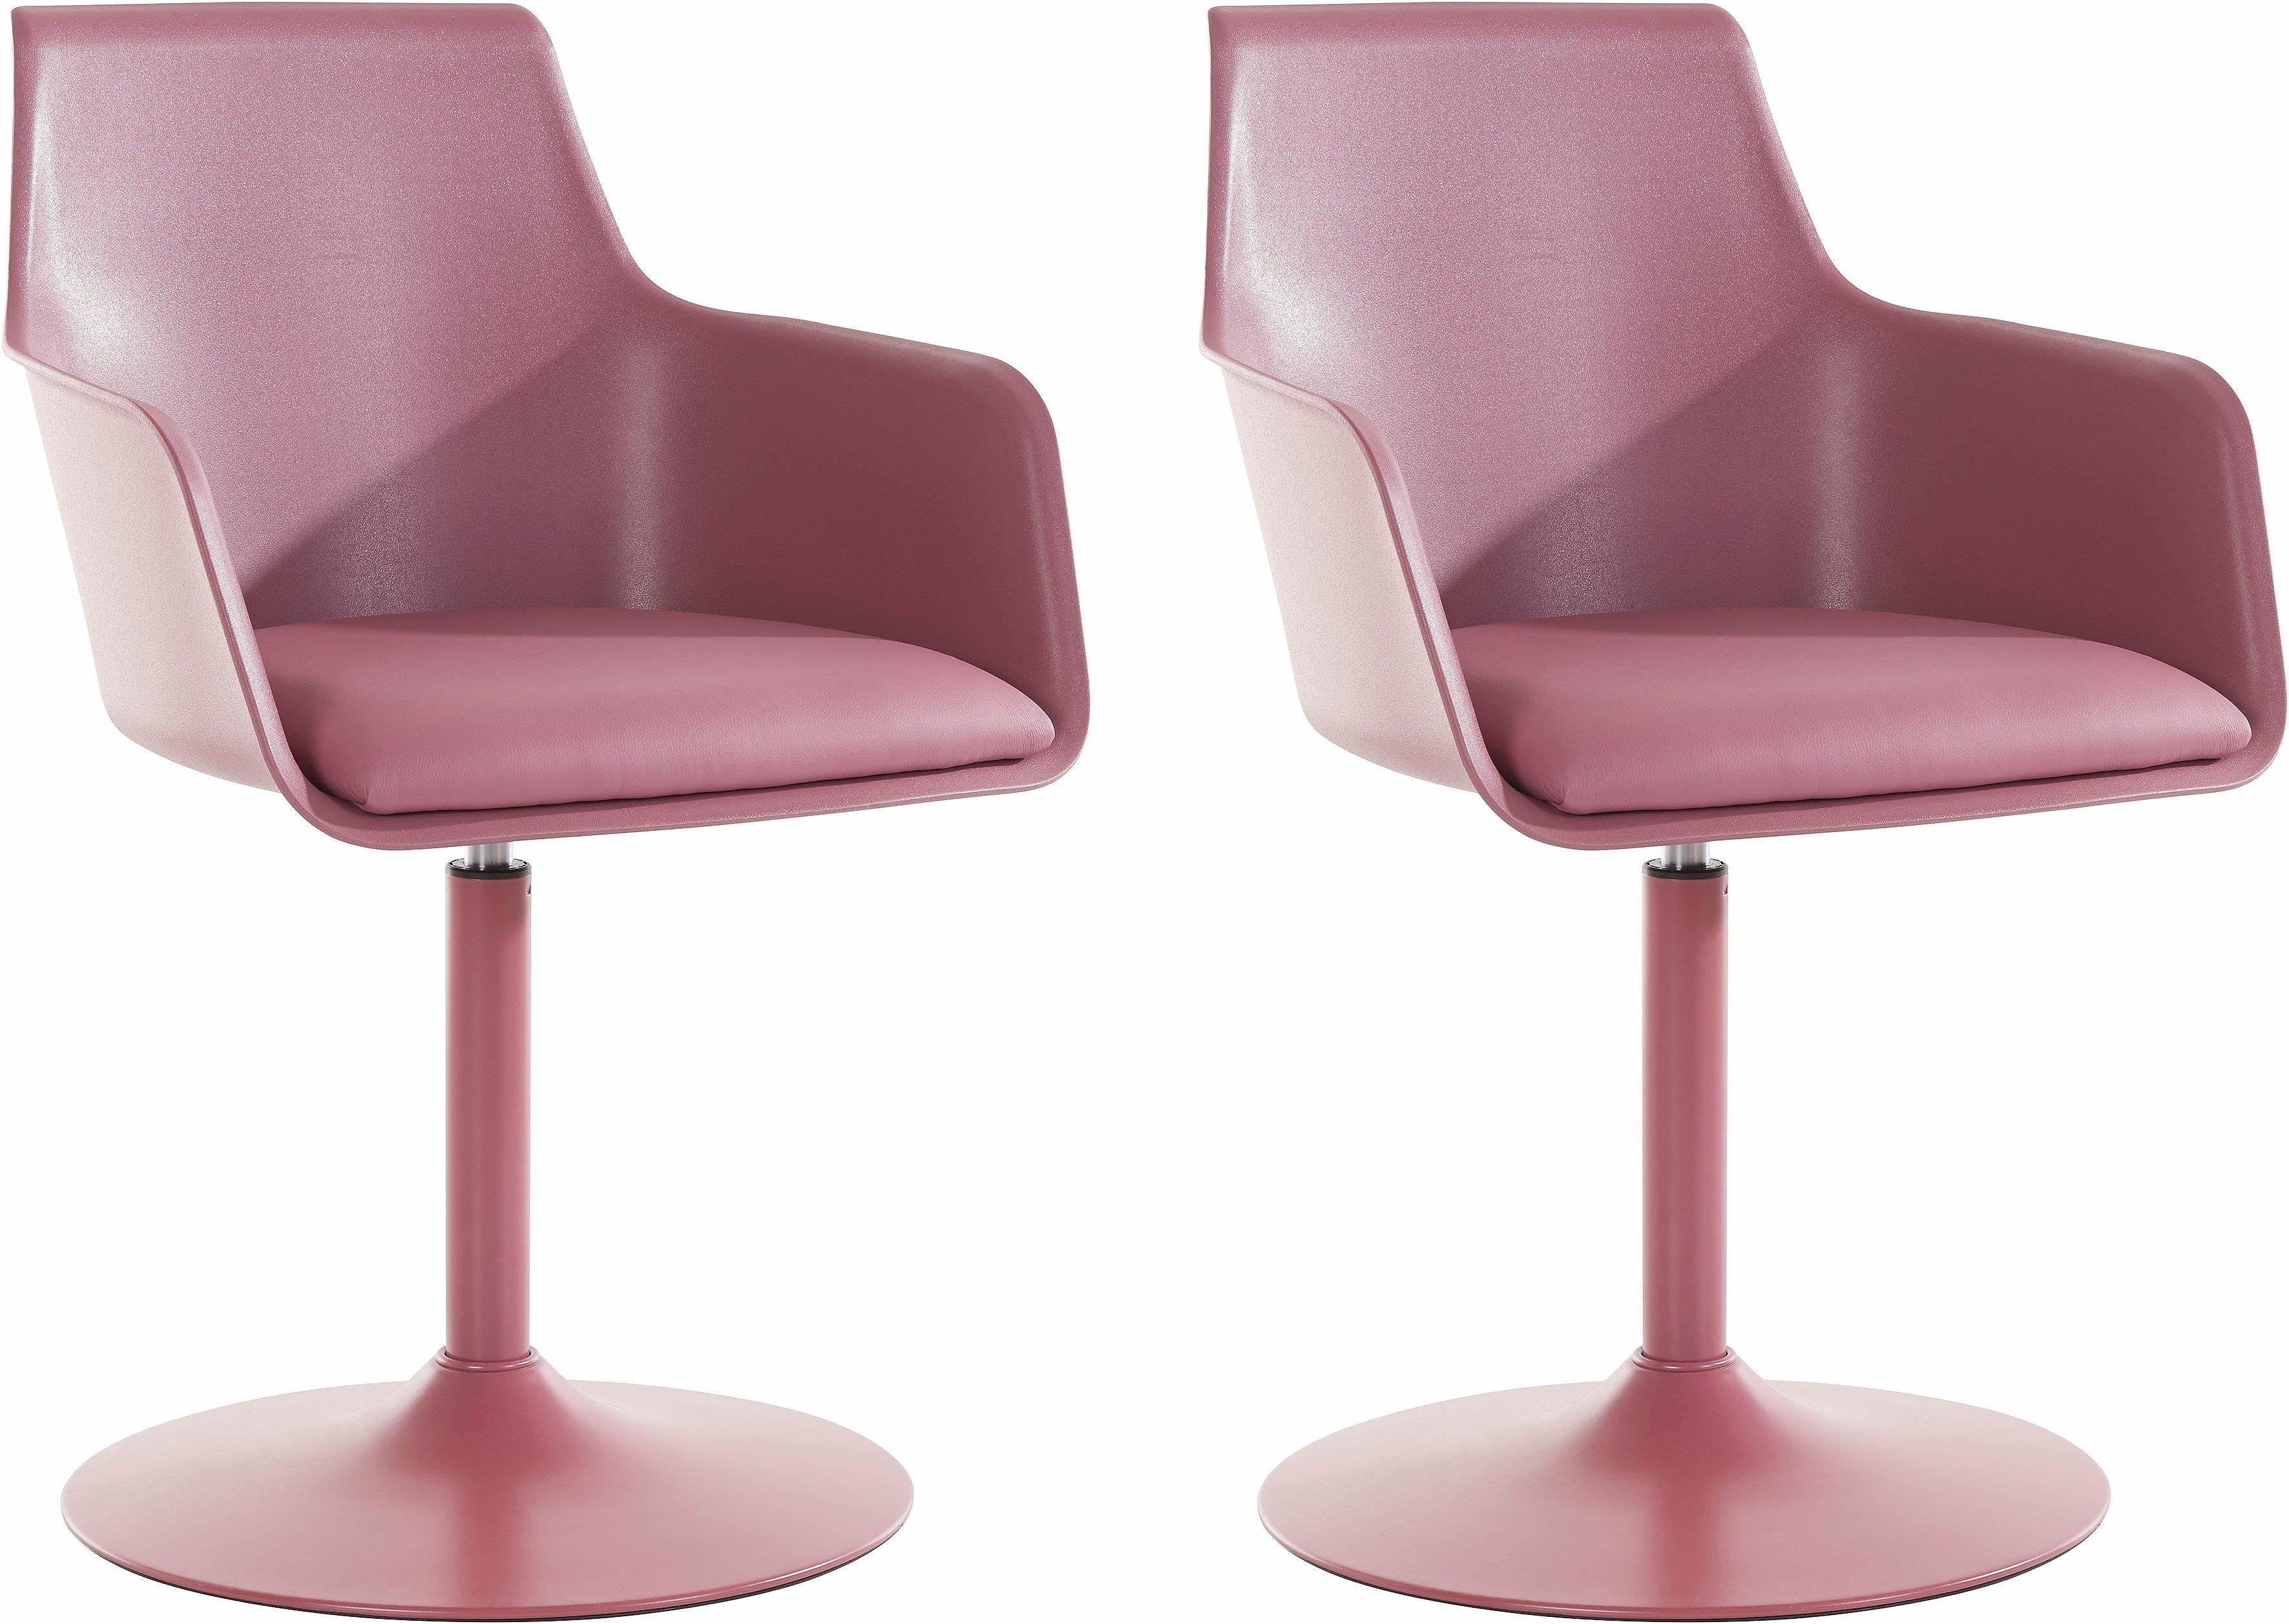 Stuhl rosa, pflegeleichtes Kunstleder, yourhome Jetzt bestellen ...